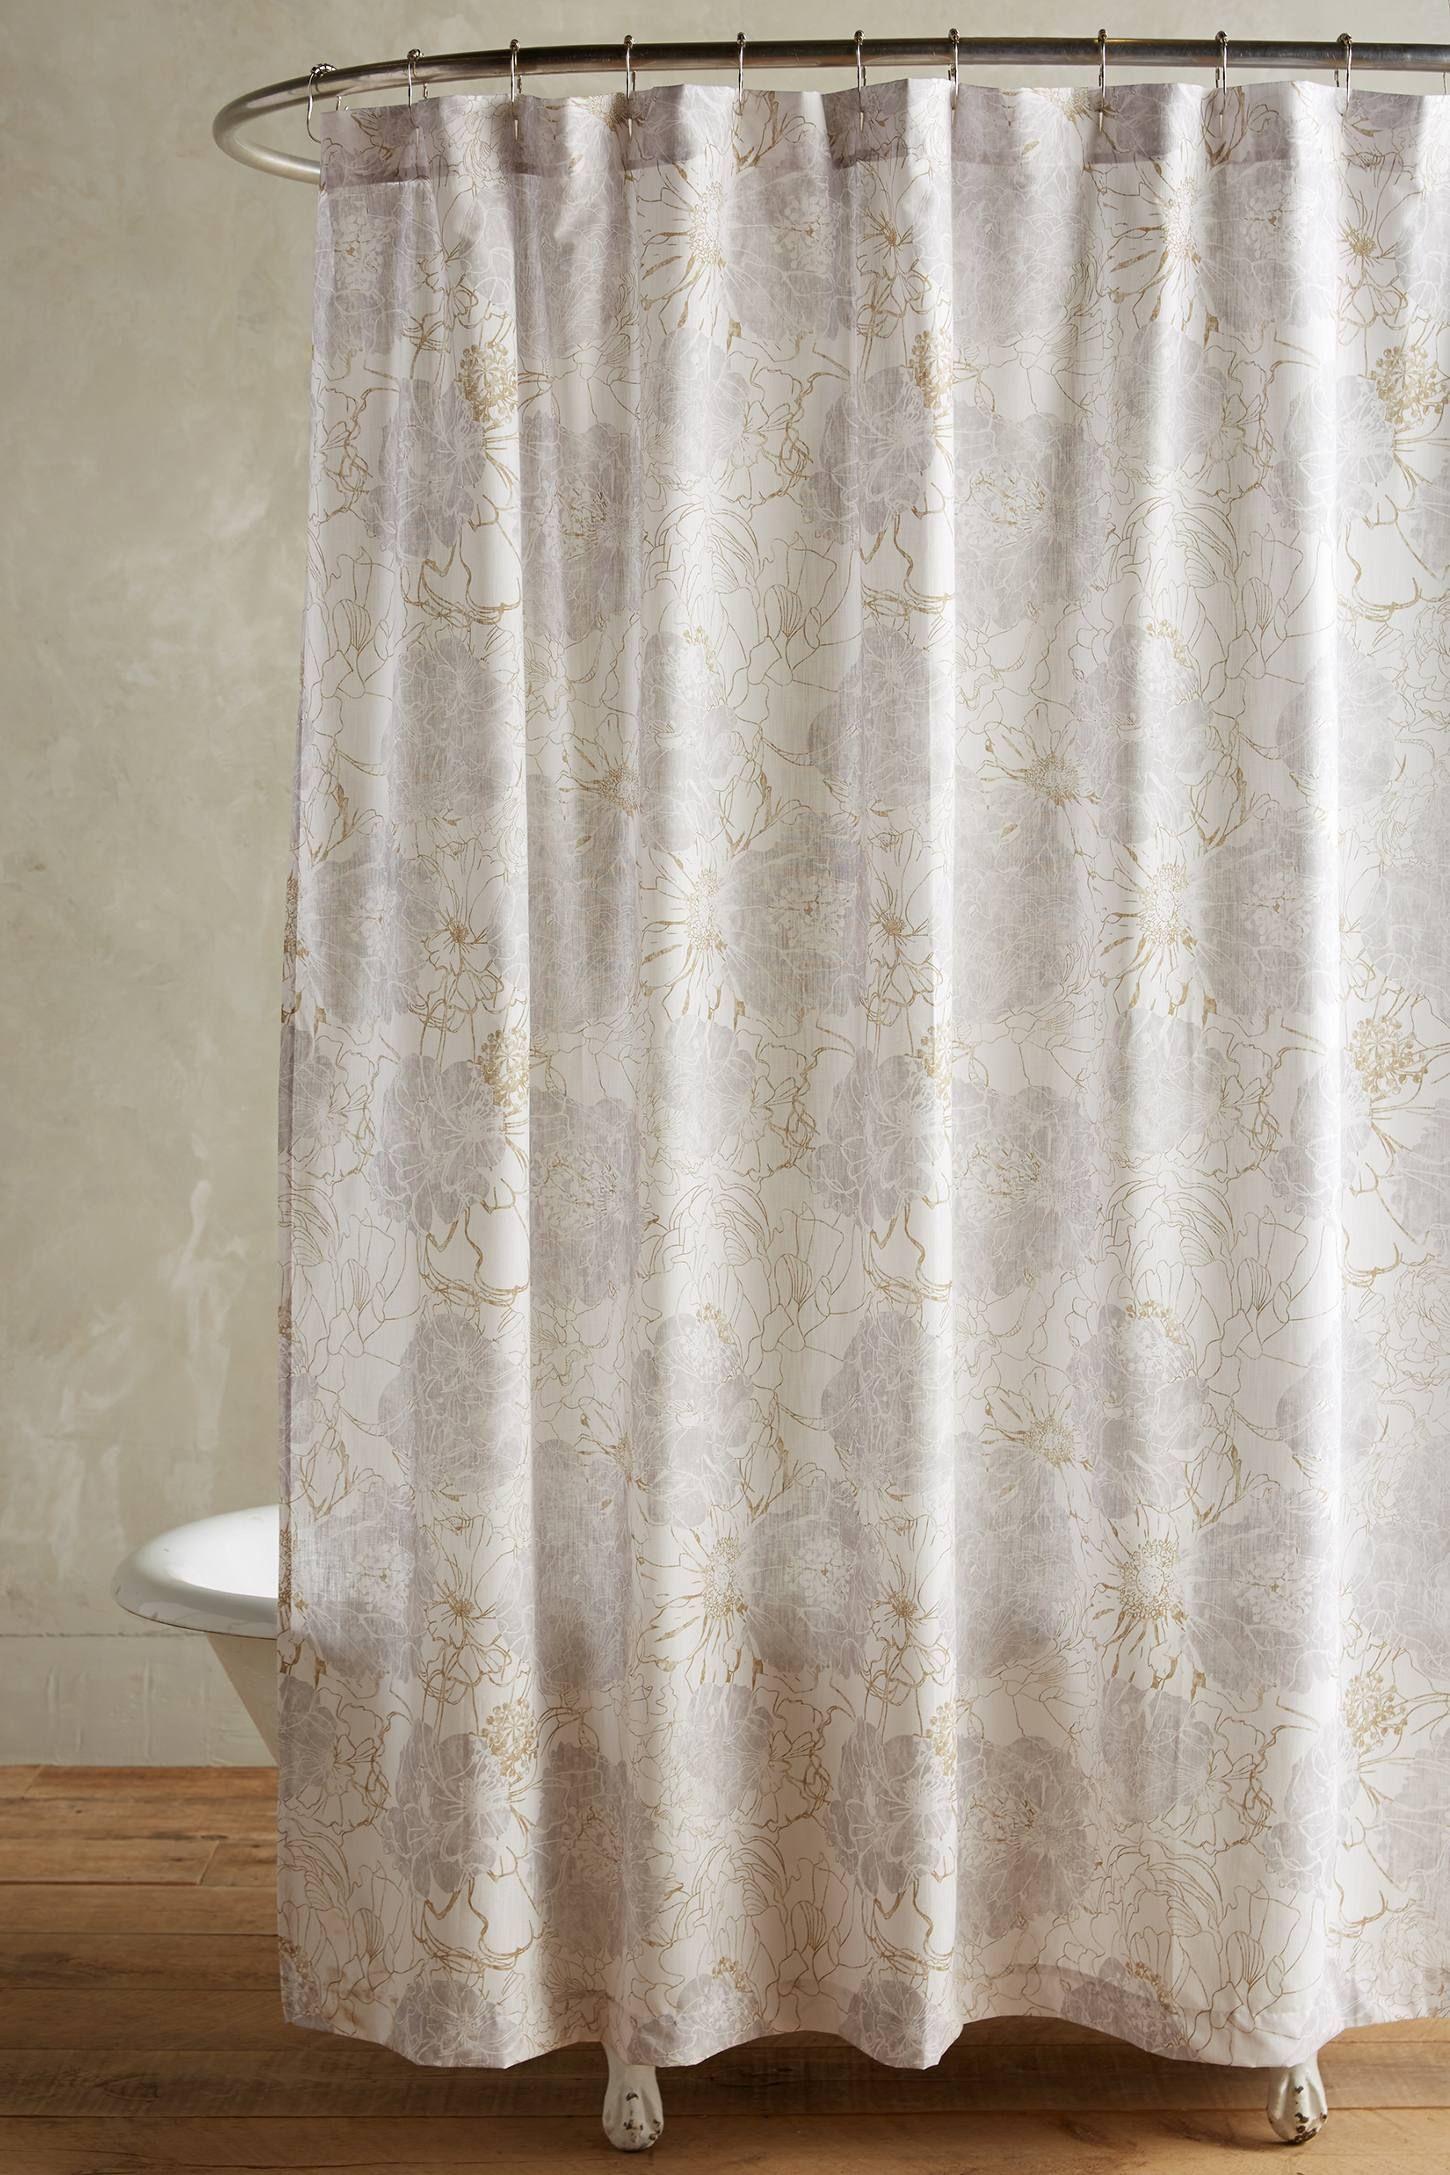 Shower Curtain Liner | Pinterest | Interiors on waterworks bathroom design, houzz bathroom design, kelly wearstler bathroom design, ikea bathroom design,